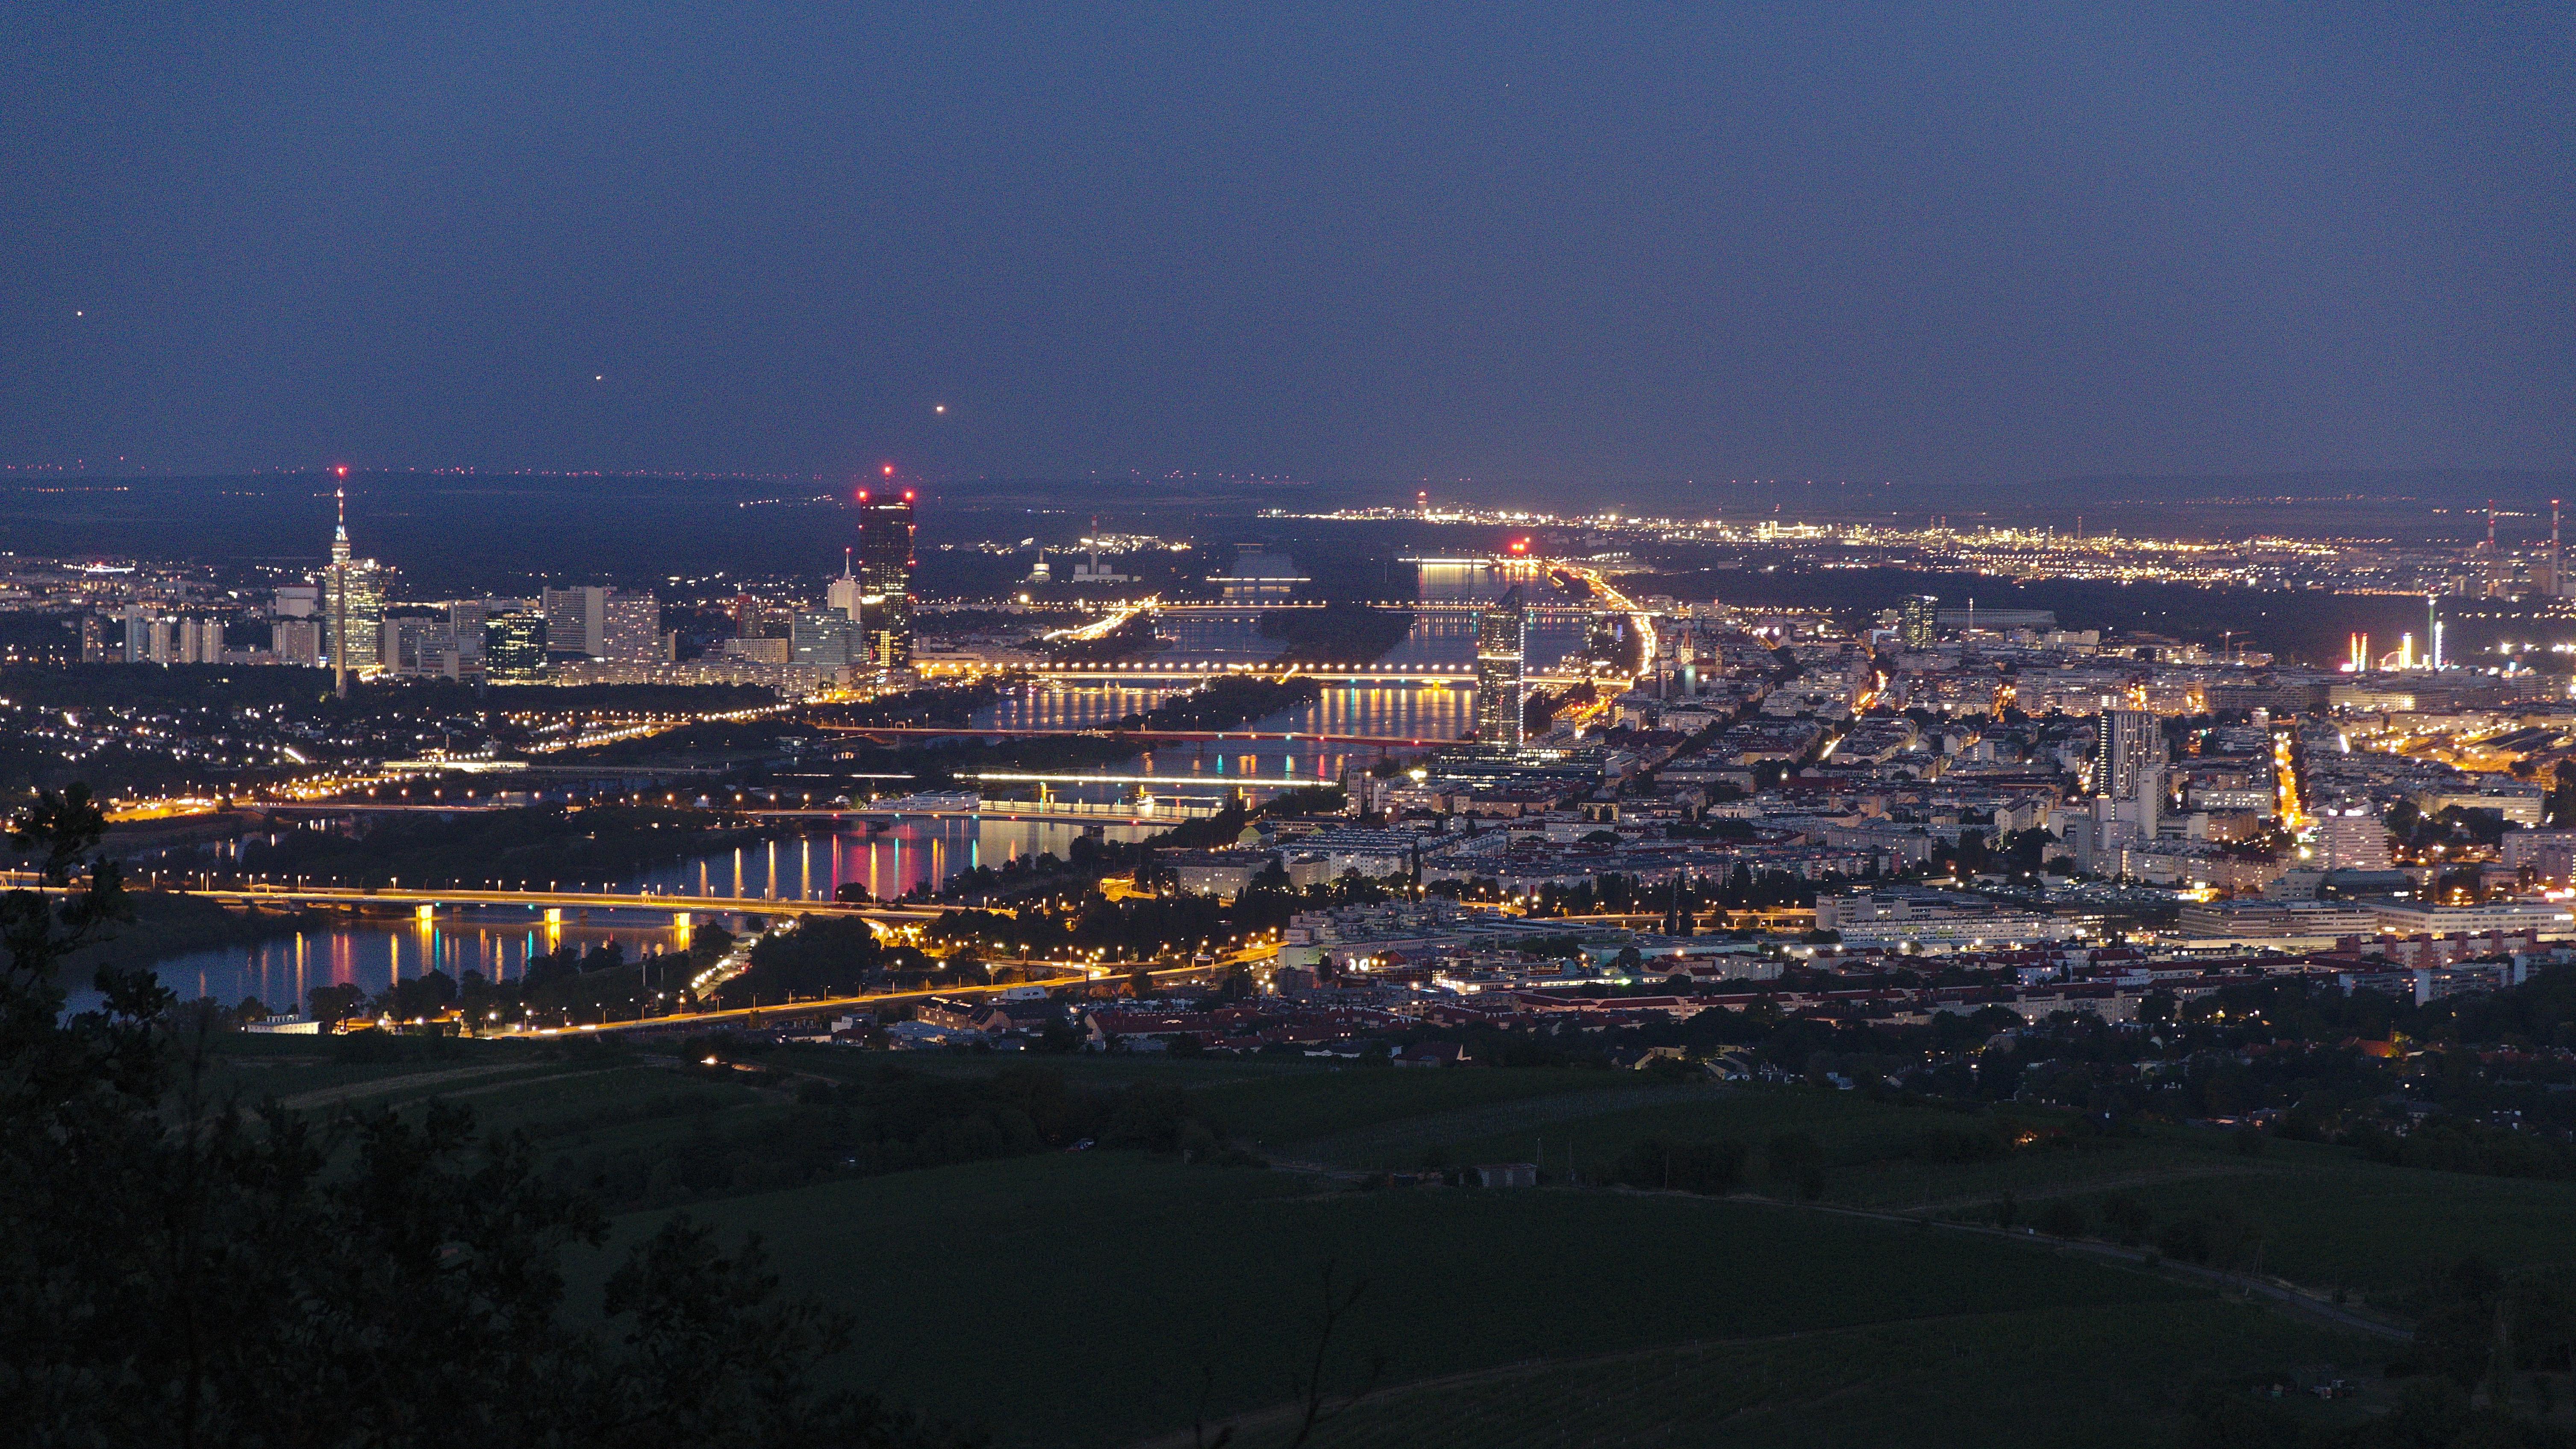 Fileblick Auf Wien Vom Kahlenberg Bei Nachtjpg Wikimedia Commons